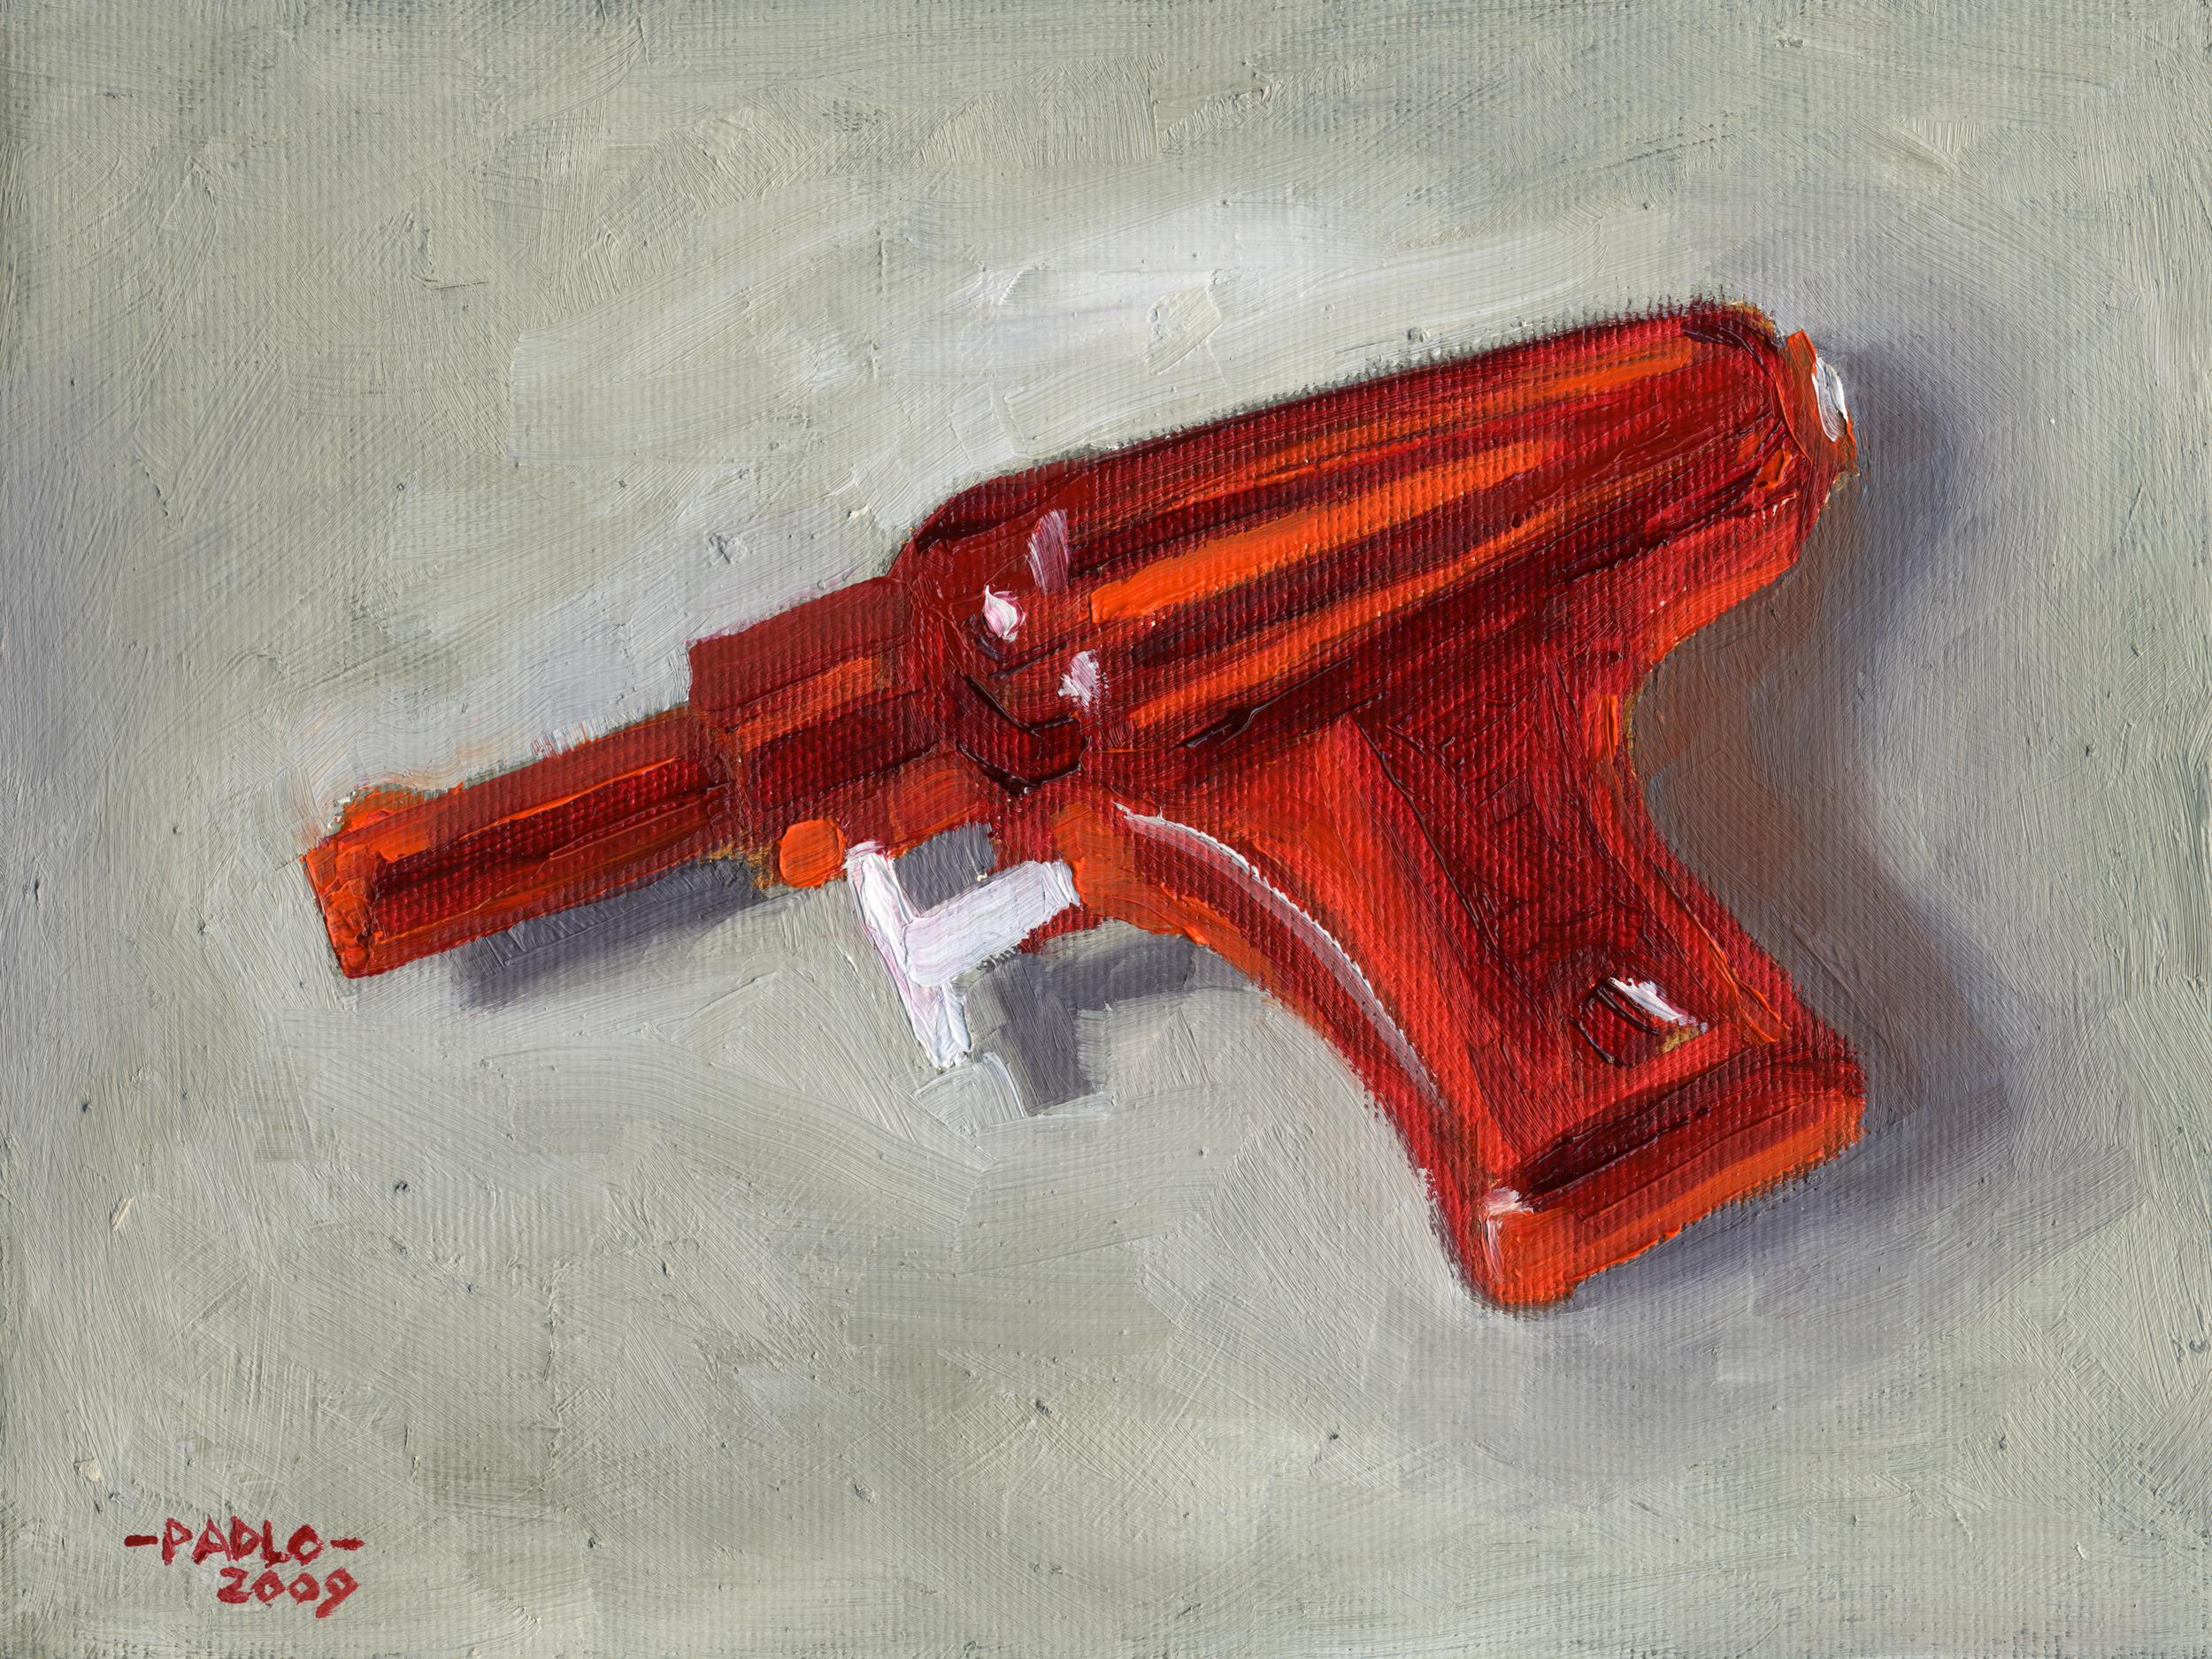 RED WATER GUN